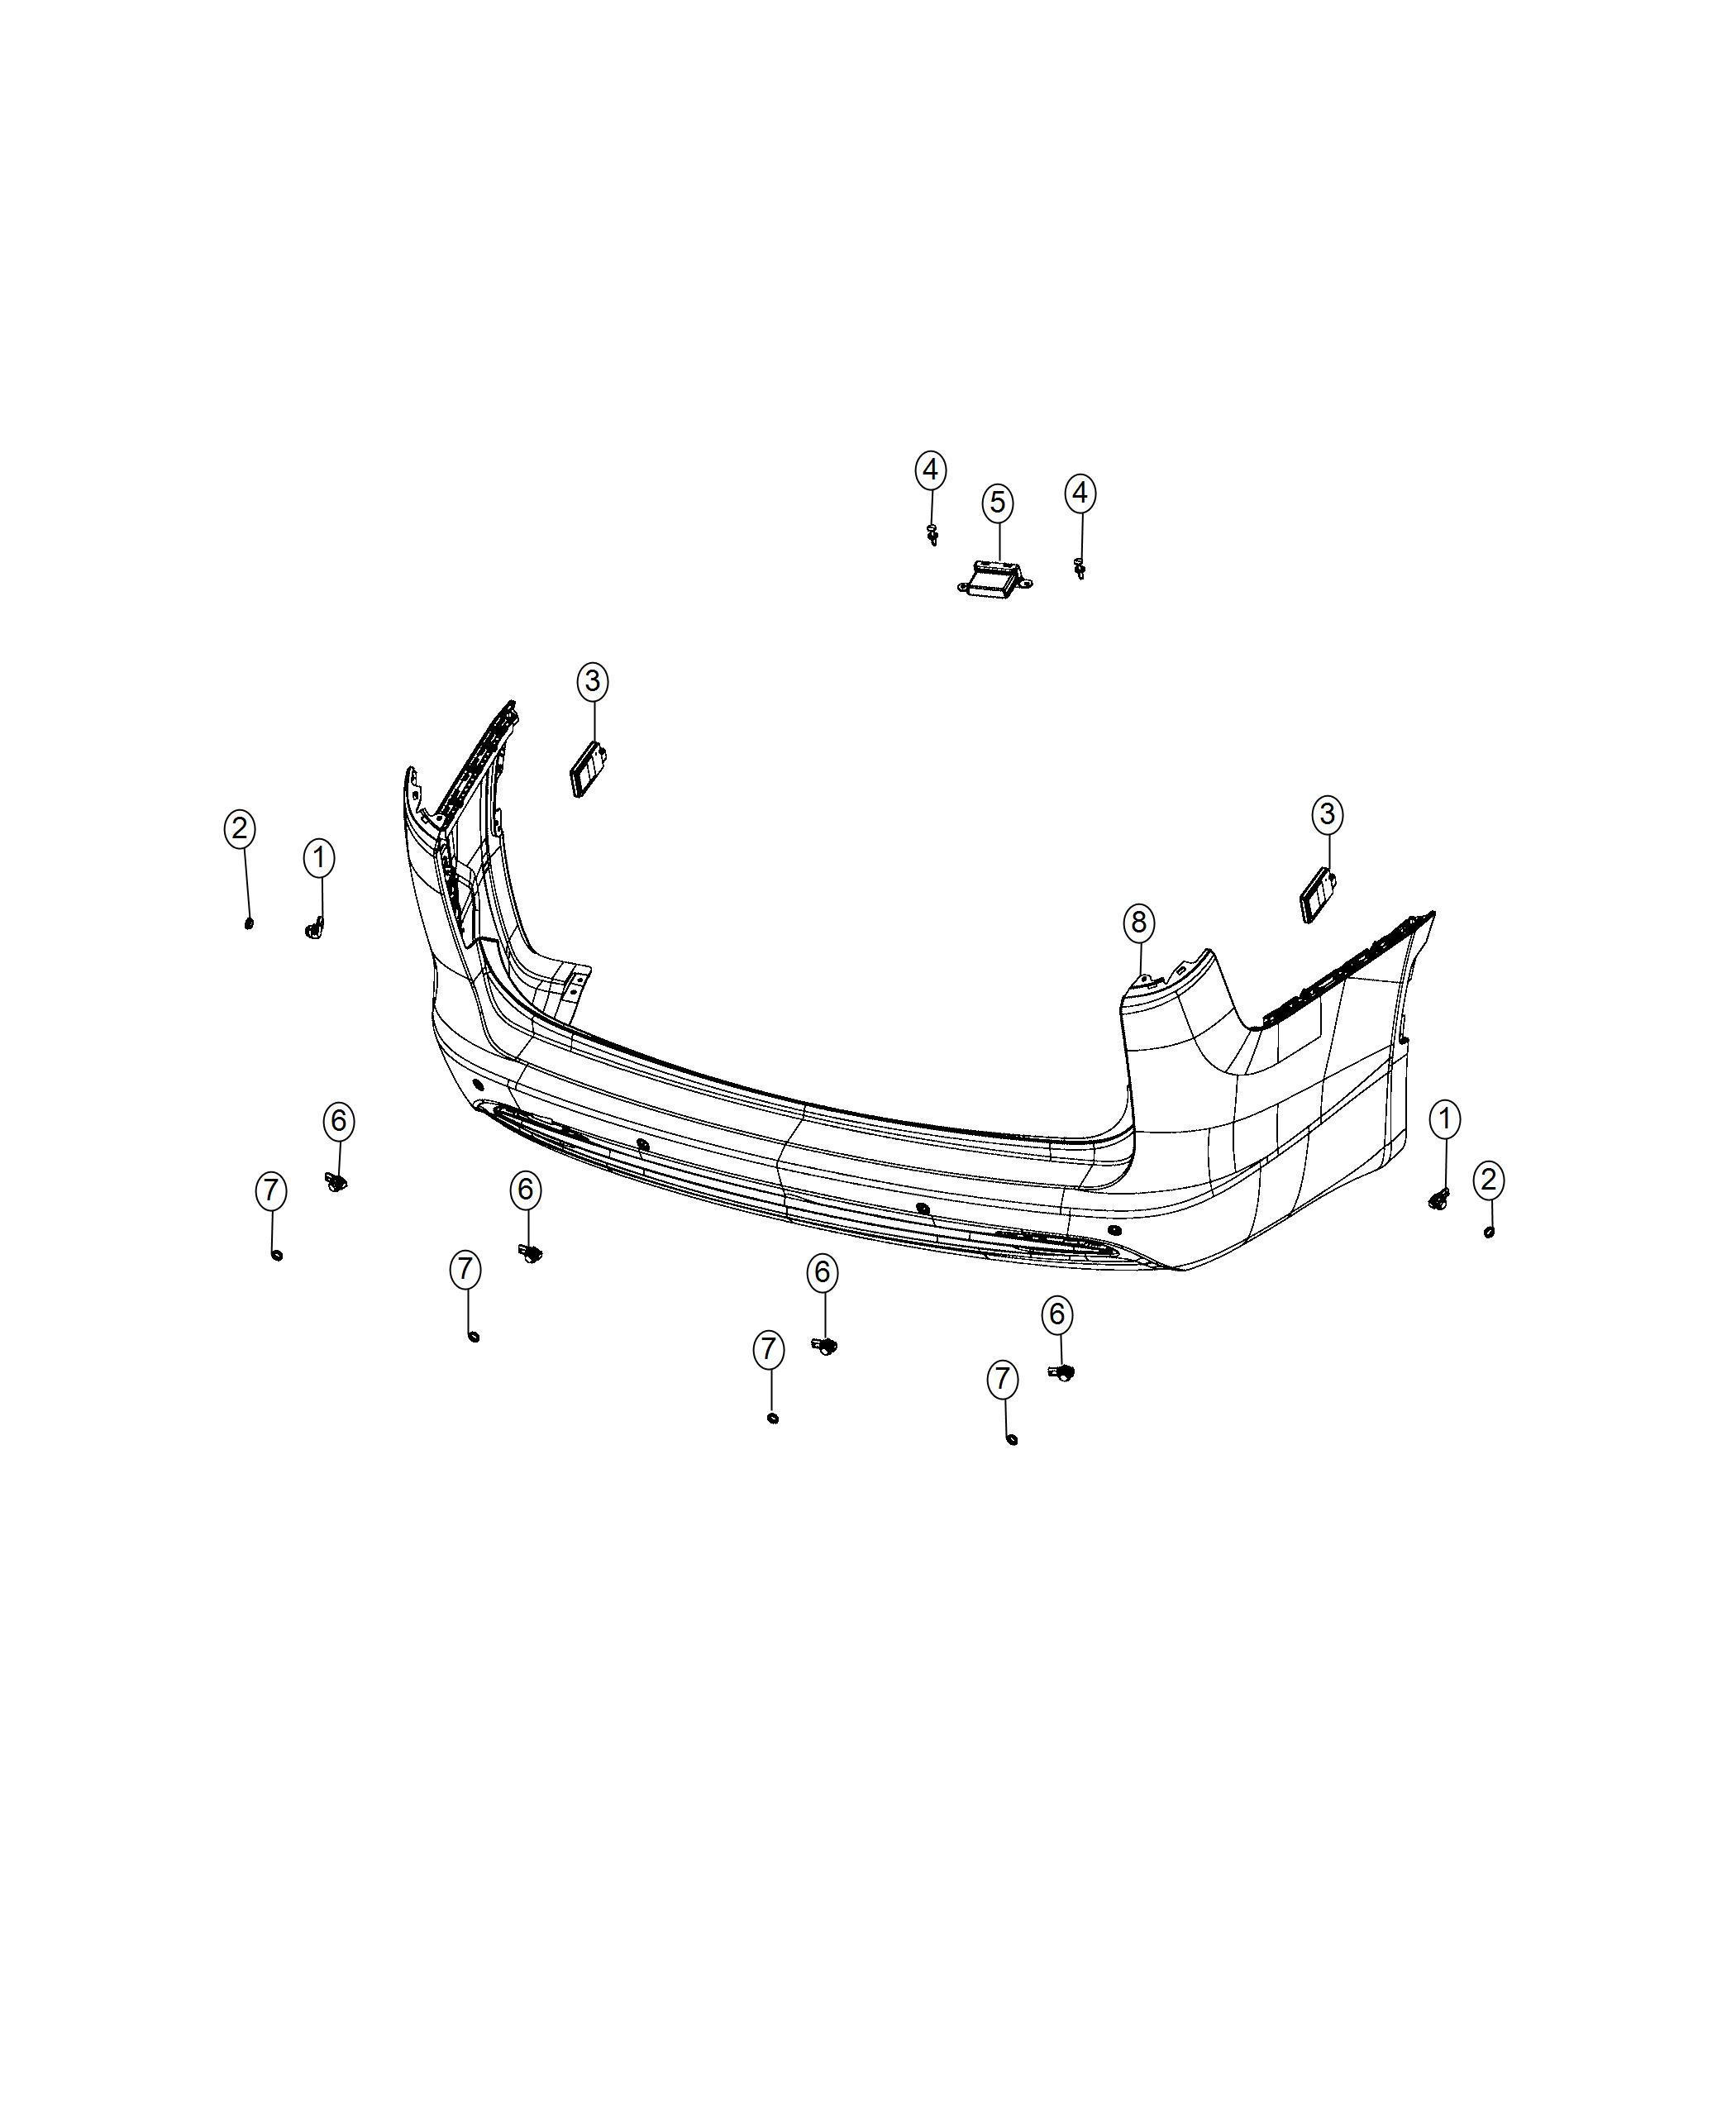 [DIAGRAM] Wiring Diagram Rear Spotlight FULL Version HD